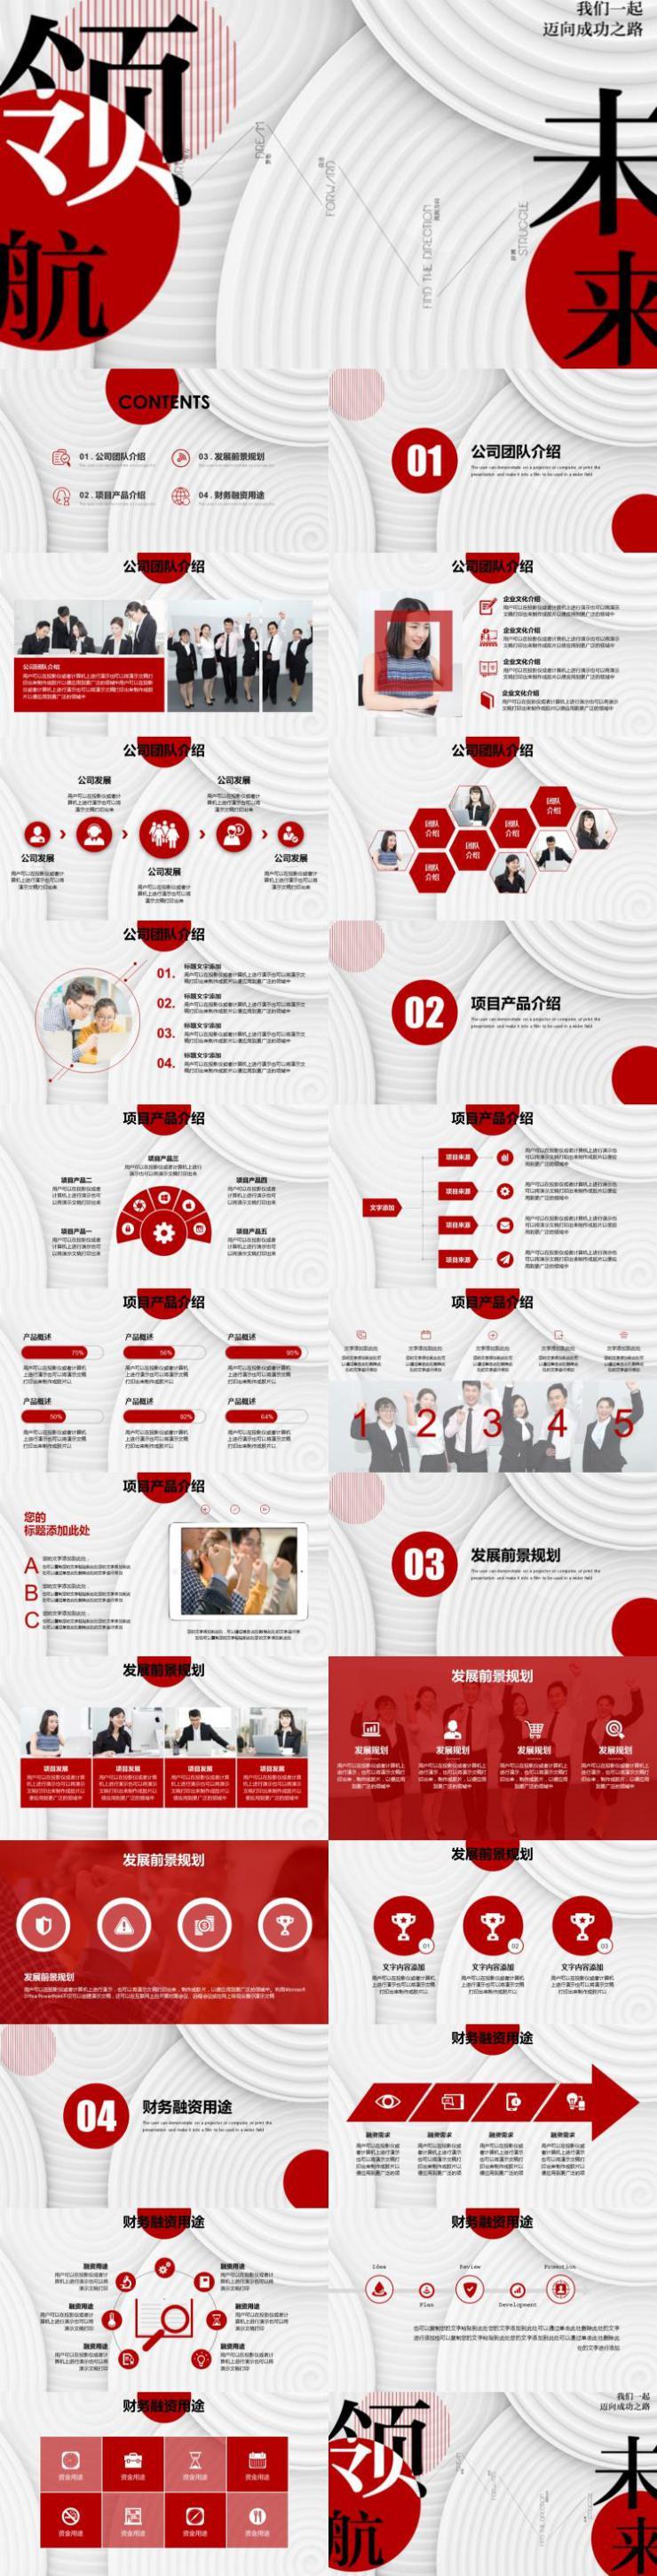 领航未来商业计划书ppt模板